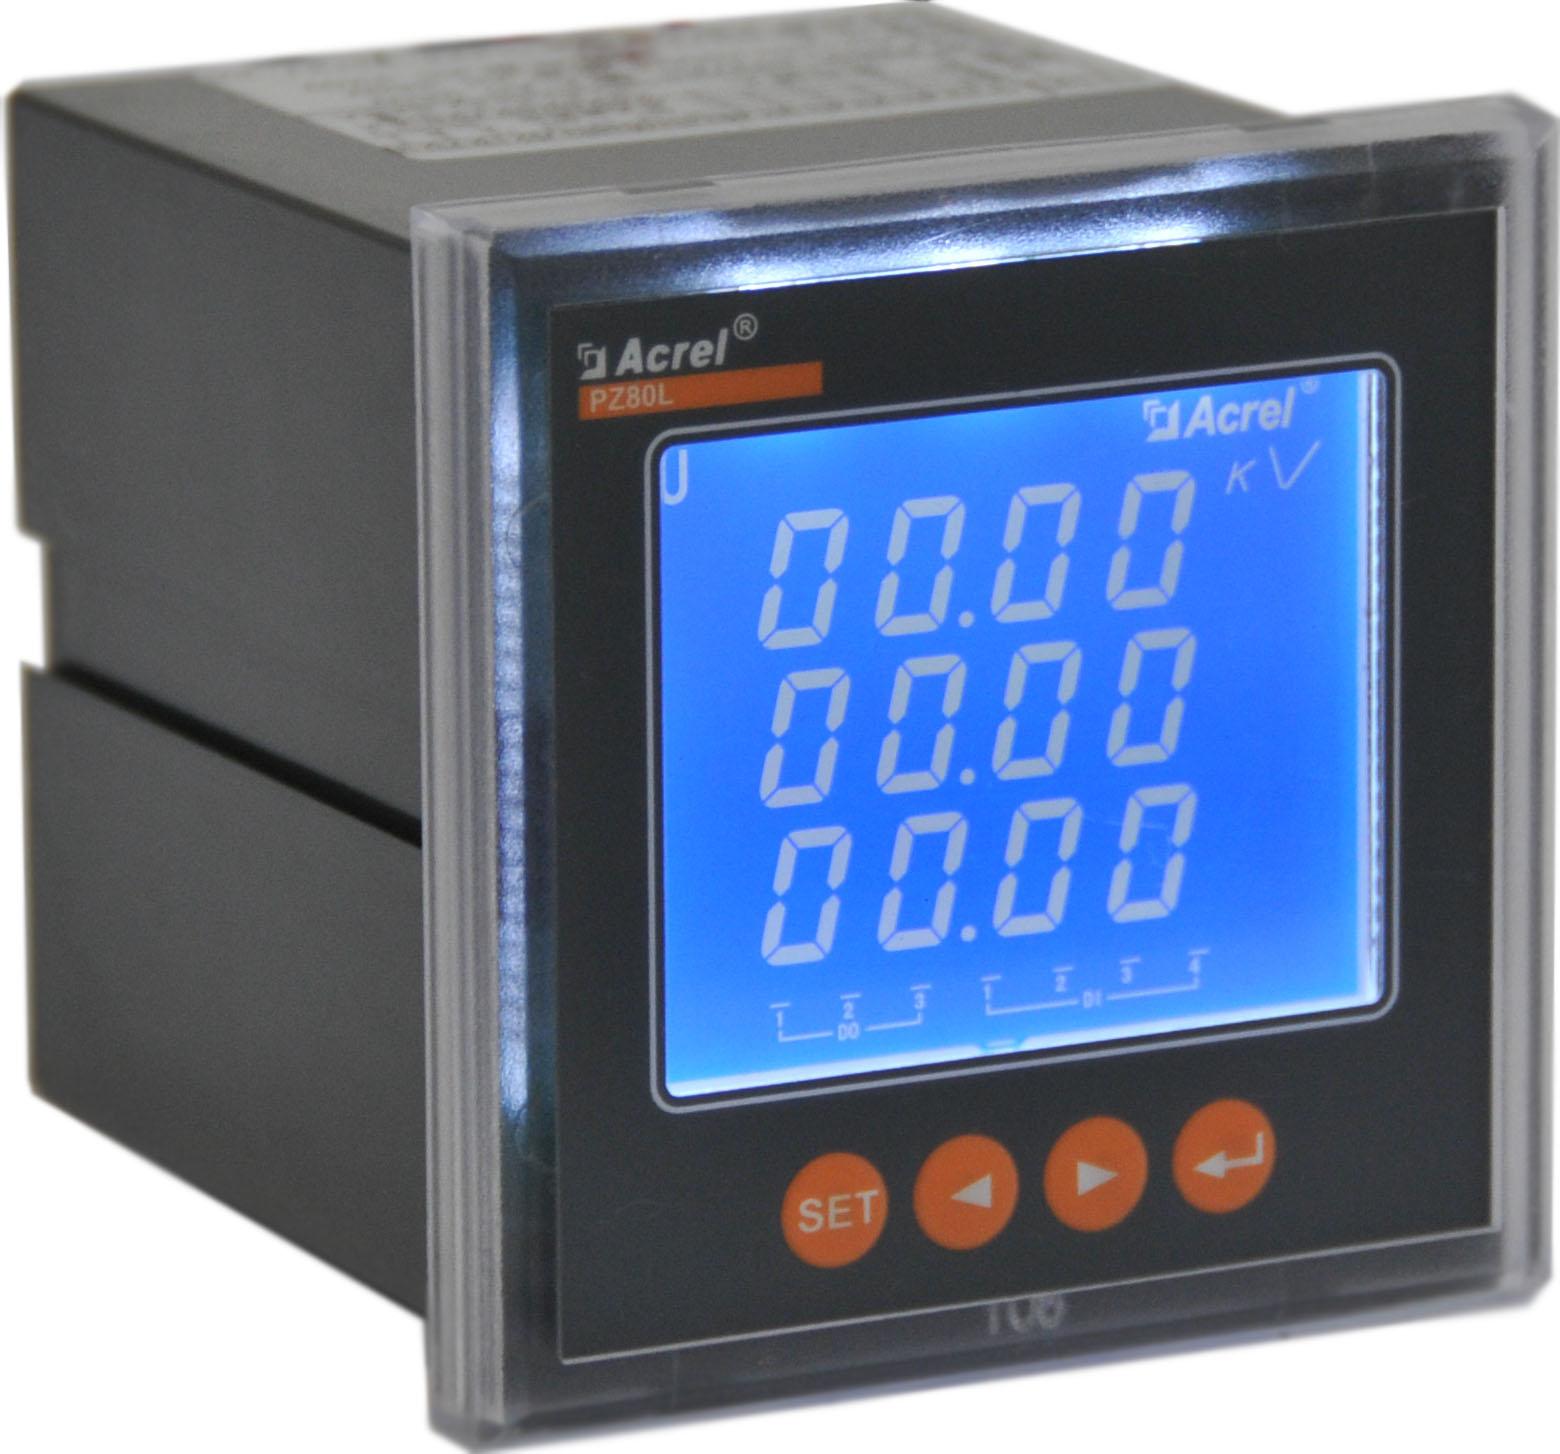 安科瑞直销三相数显多功能电能表PZ72L-E4 PZ80L-E4 PZ96L-E4